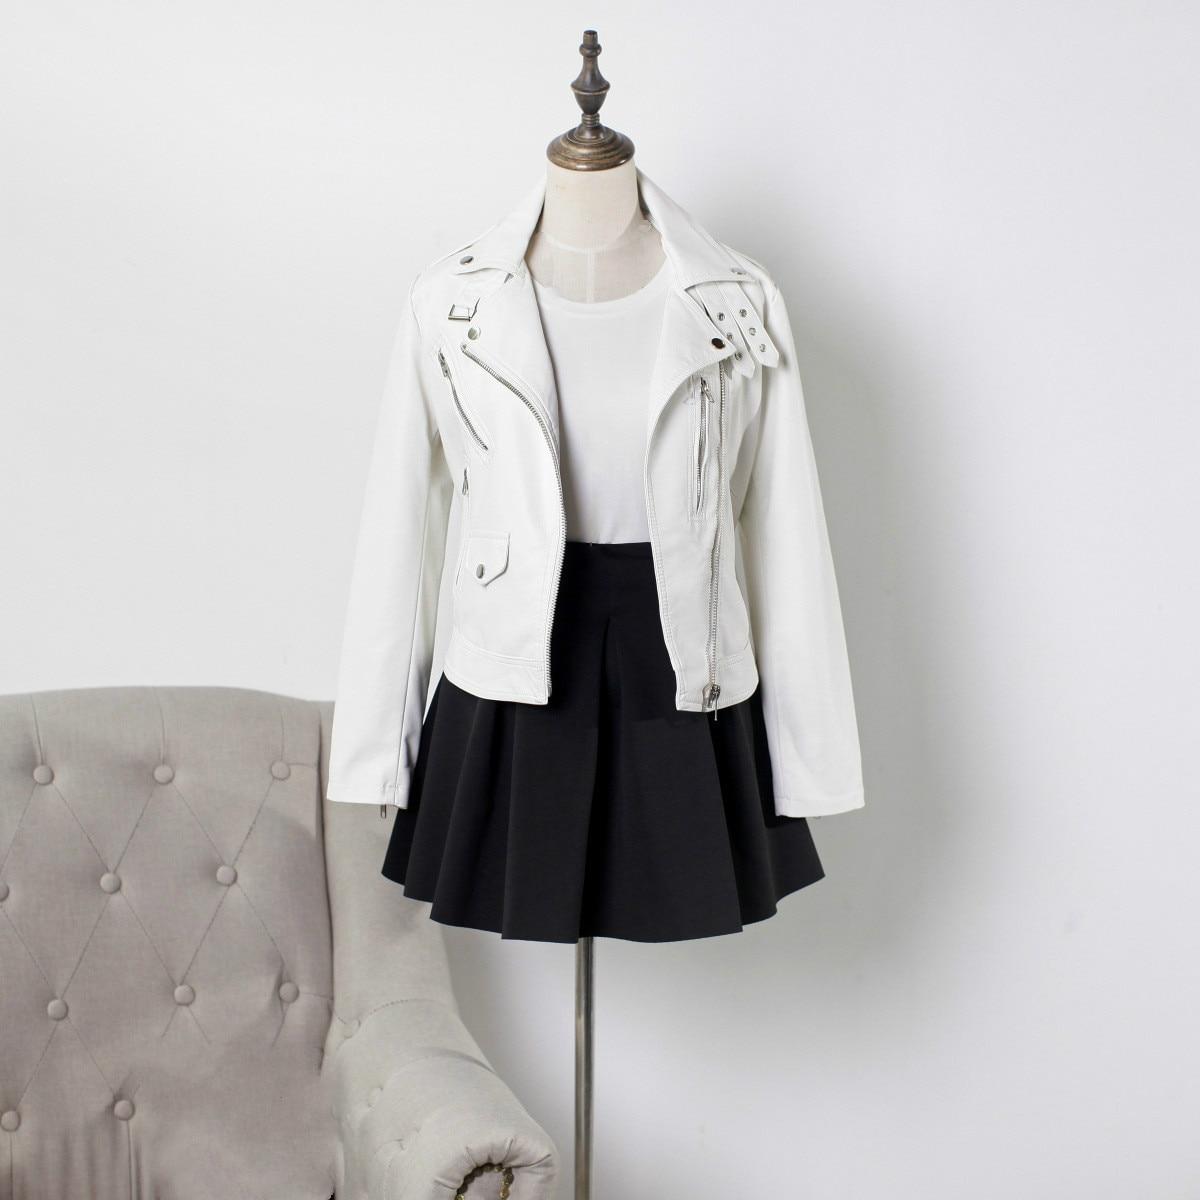 Automne haut pour femme PU Moto veste filles court blanc Moto Biker veste Streetwear Faux cuir à manches longues mince femme manteau